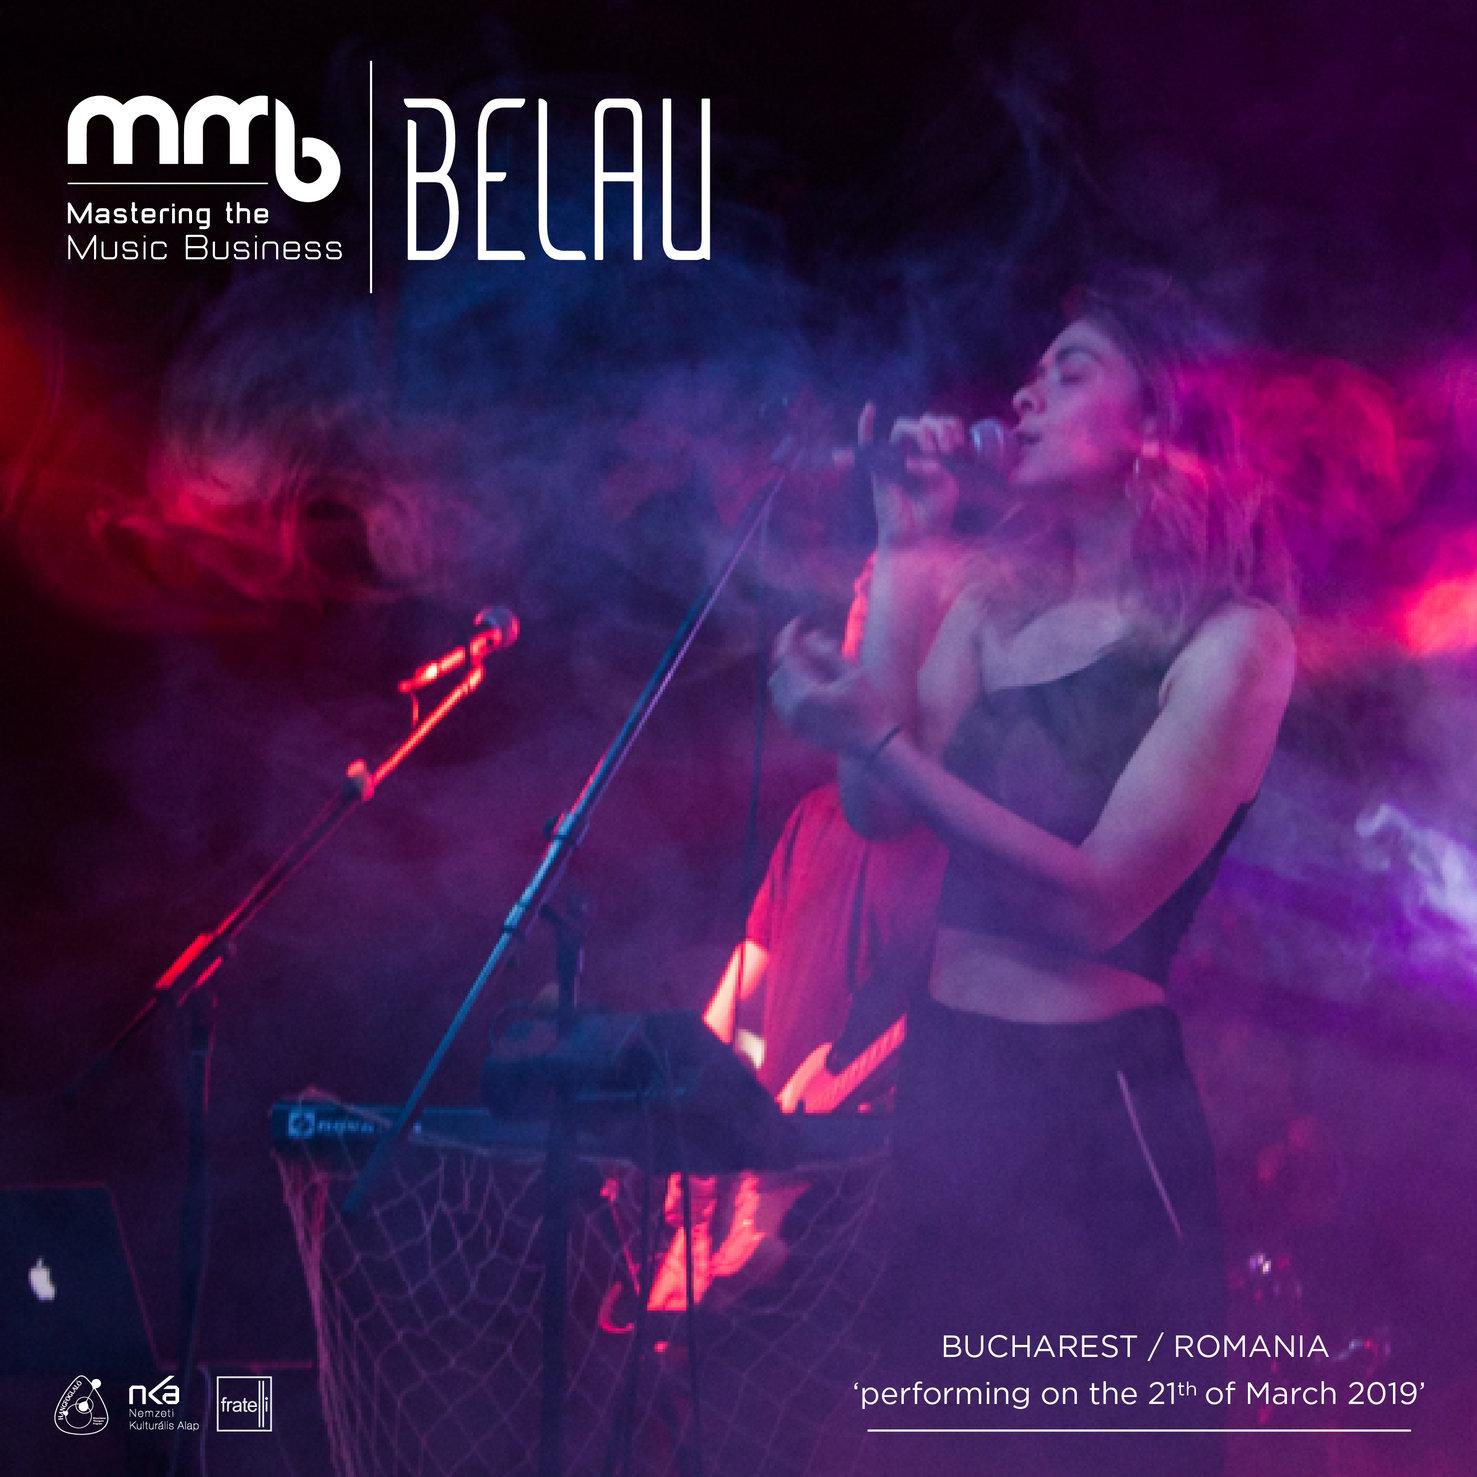 {focus_keyword} O formaţie talentată de muzică electronică va concerta la Bucureşti - Belau îşi continuă turneul la Festivalul MMB mmb cover